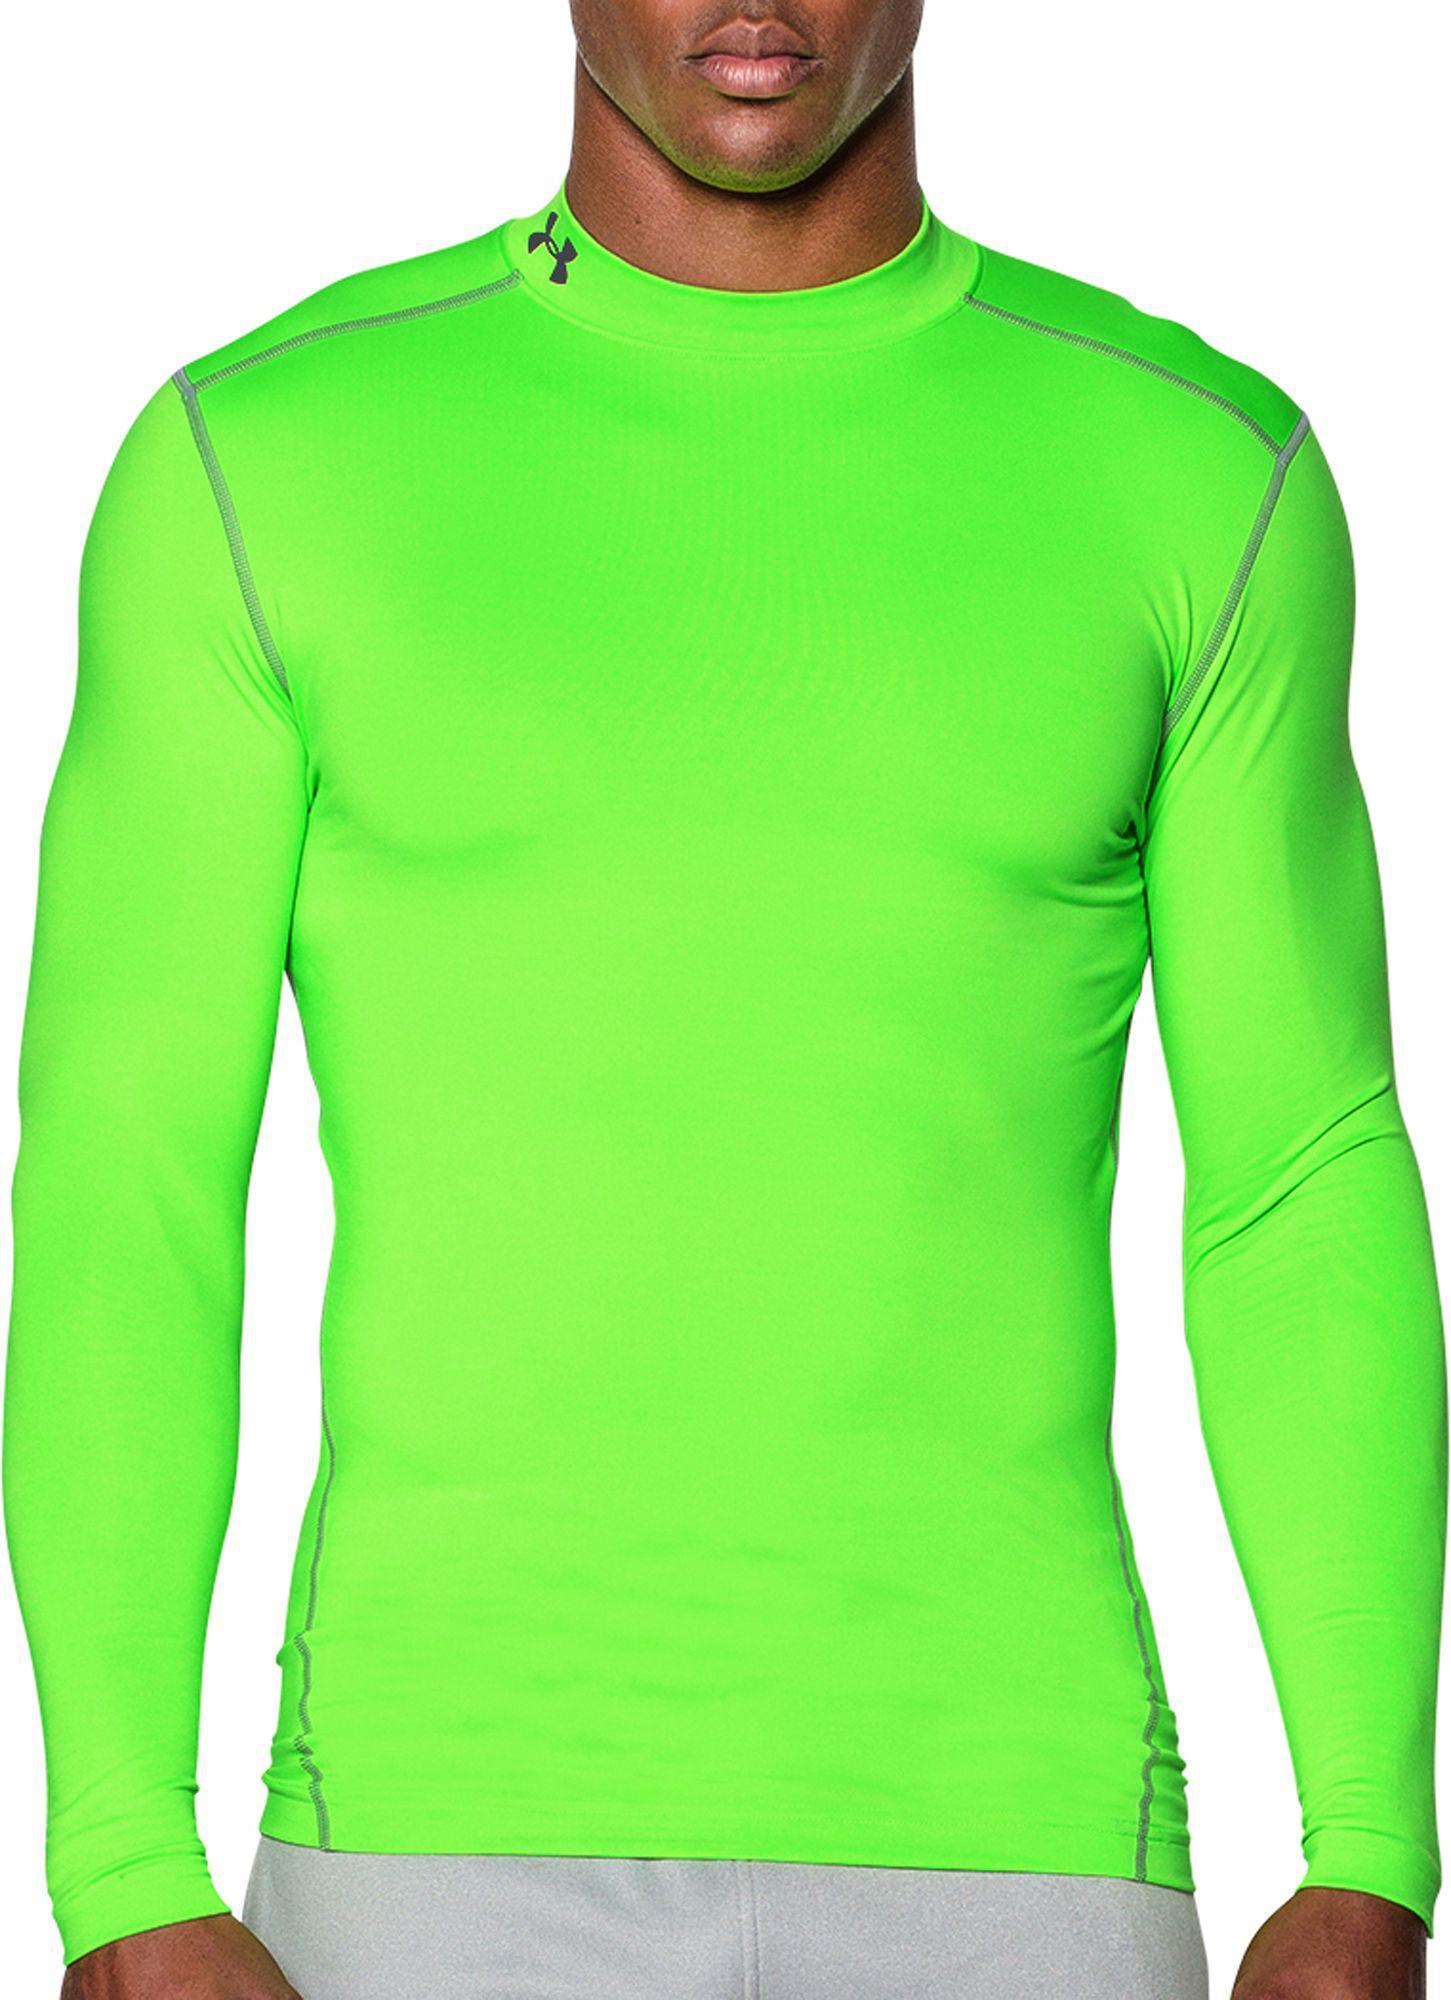 744badda Under Armour Mens Coldgear® Compression Shirt | RLDM